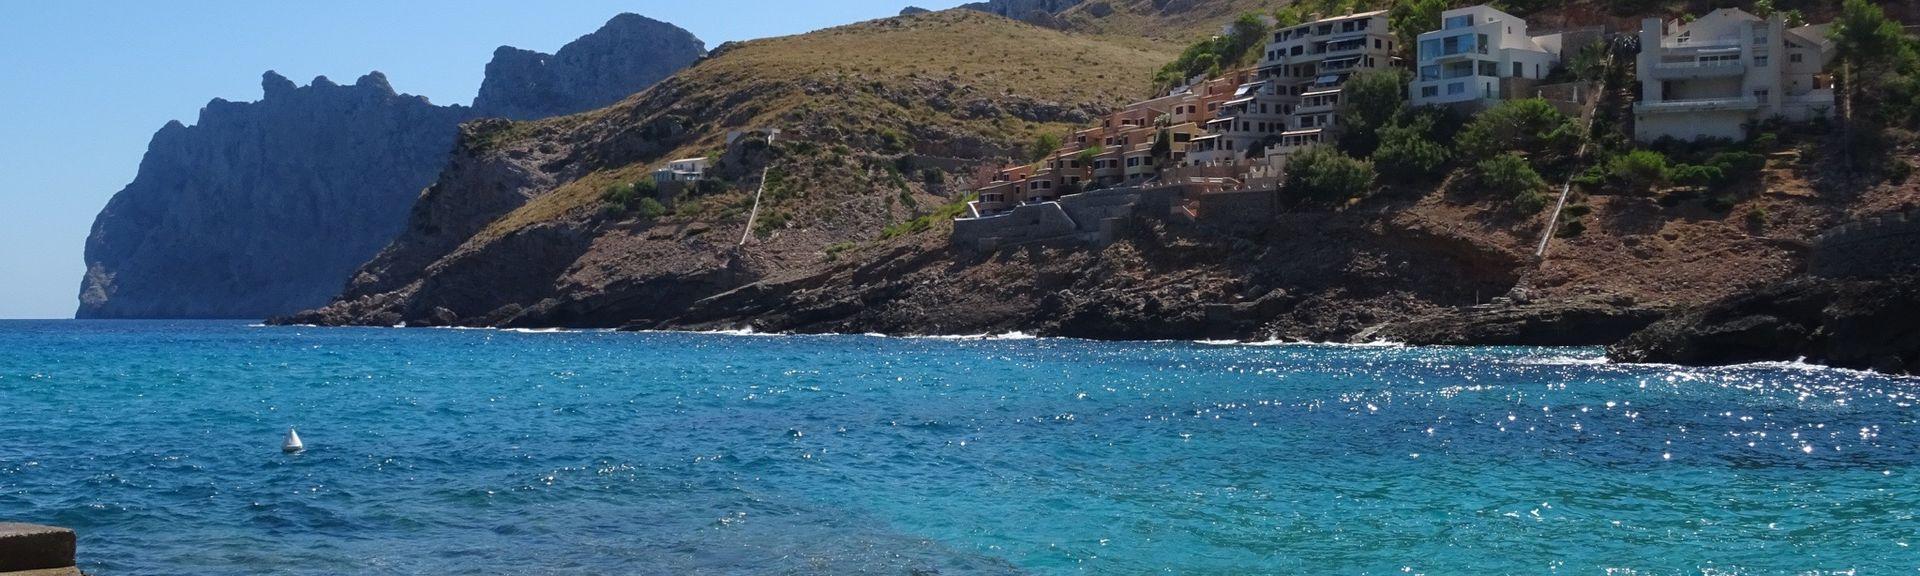 Es Coll d'en Rabassa, Balearische Inseln, Spanien